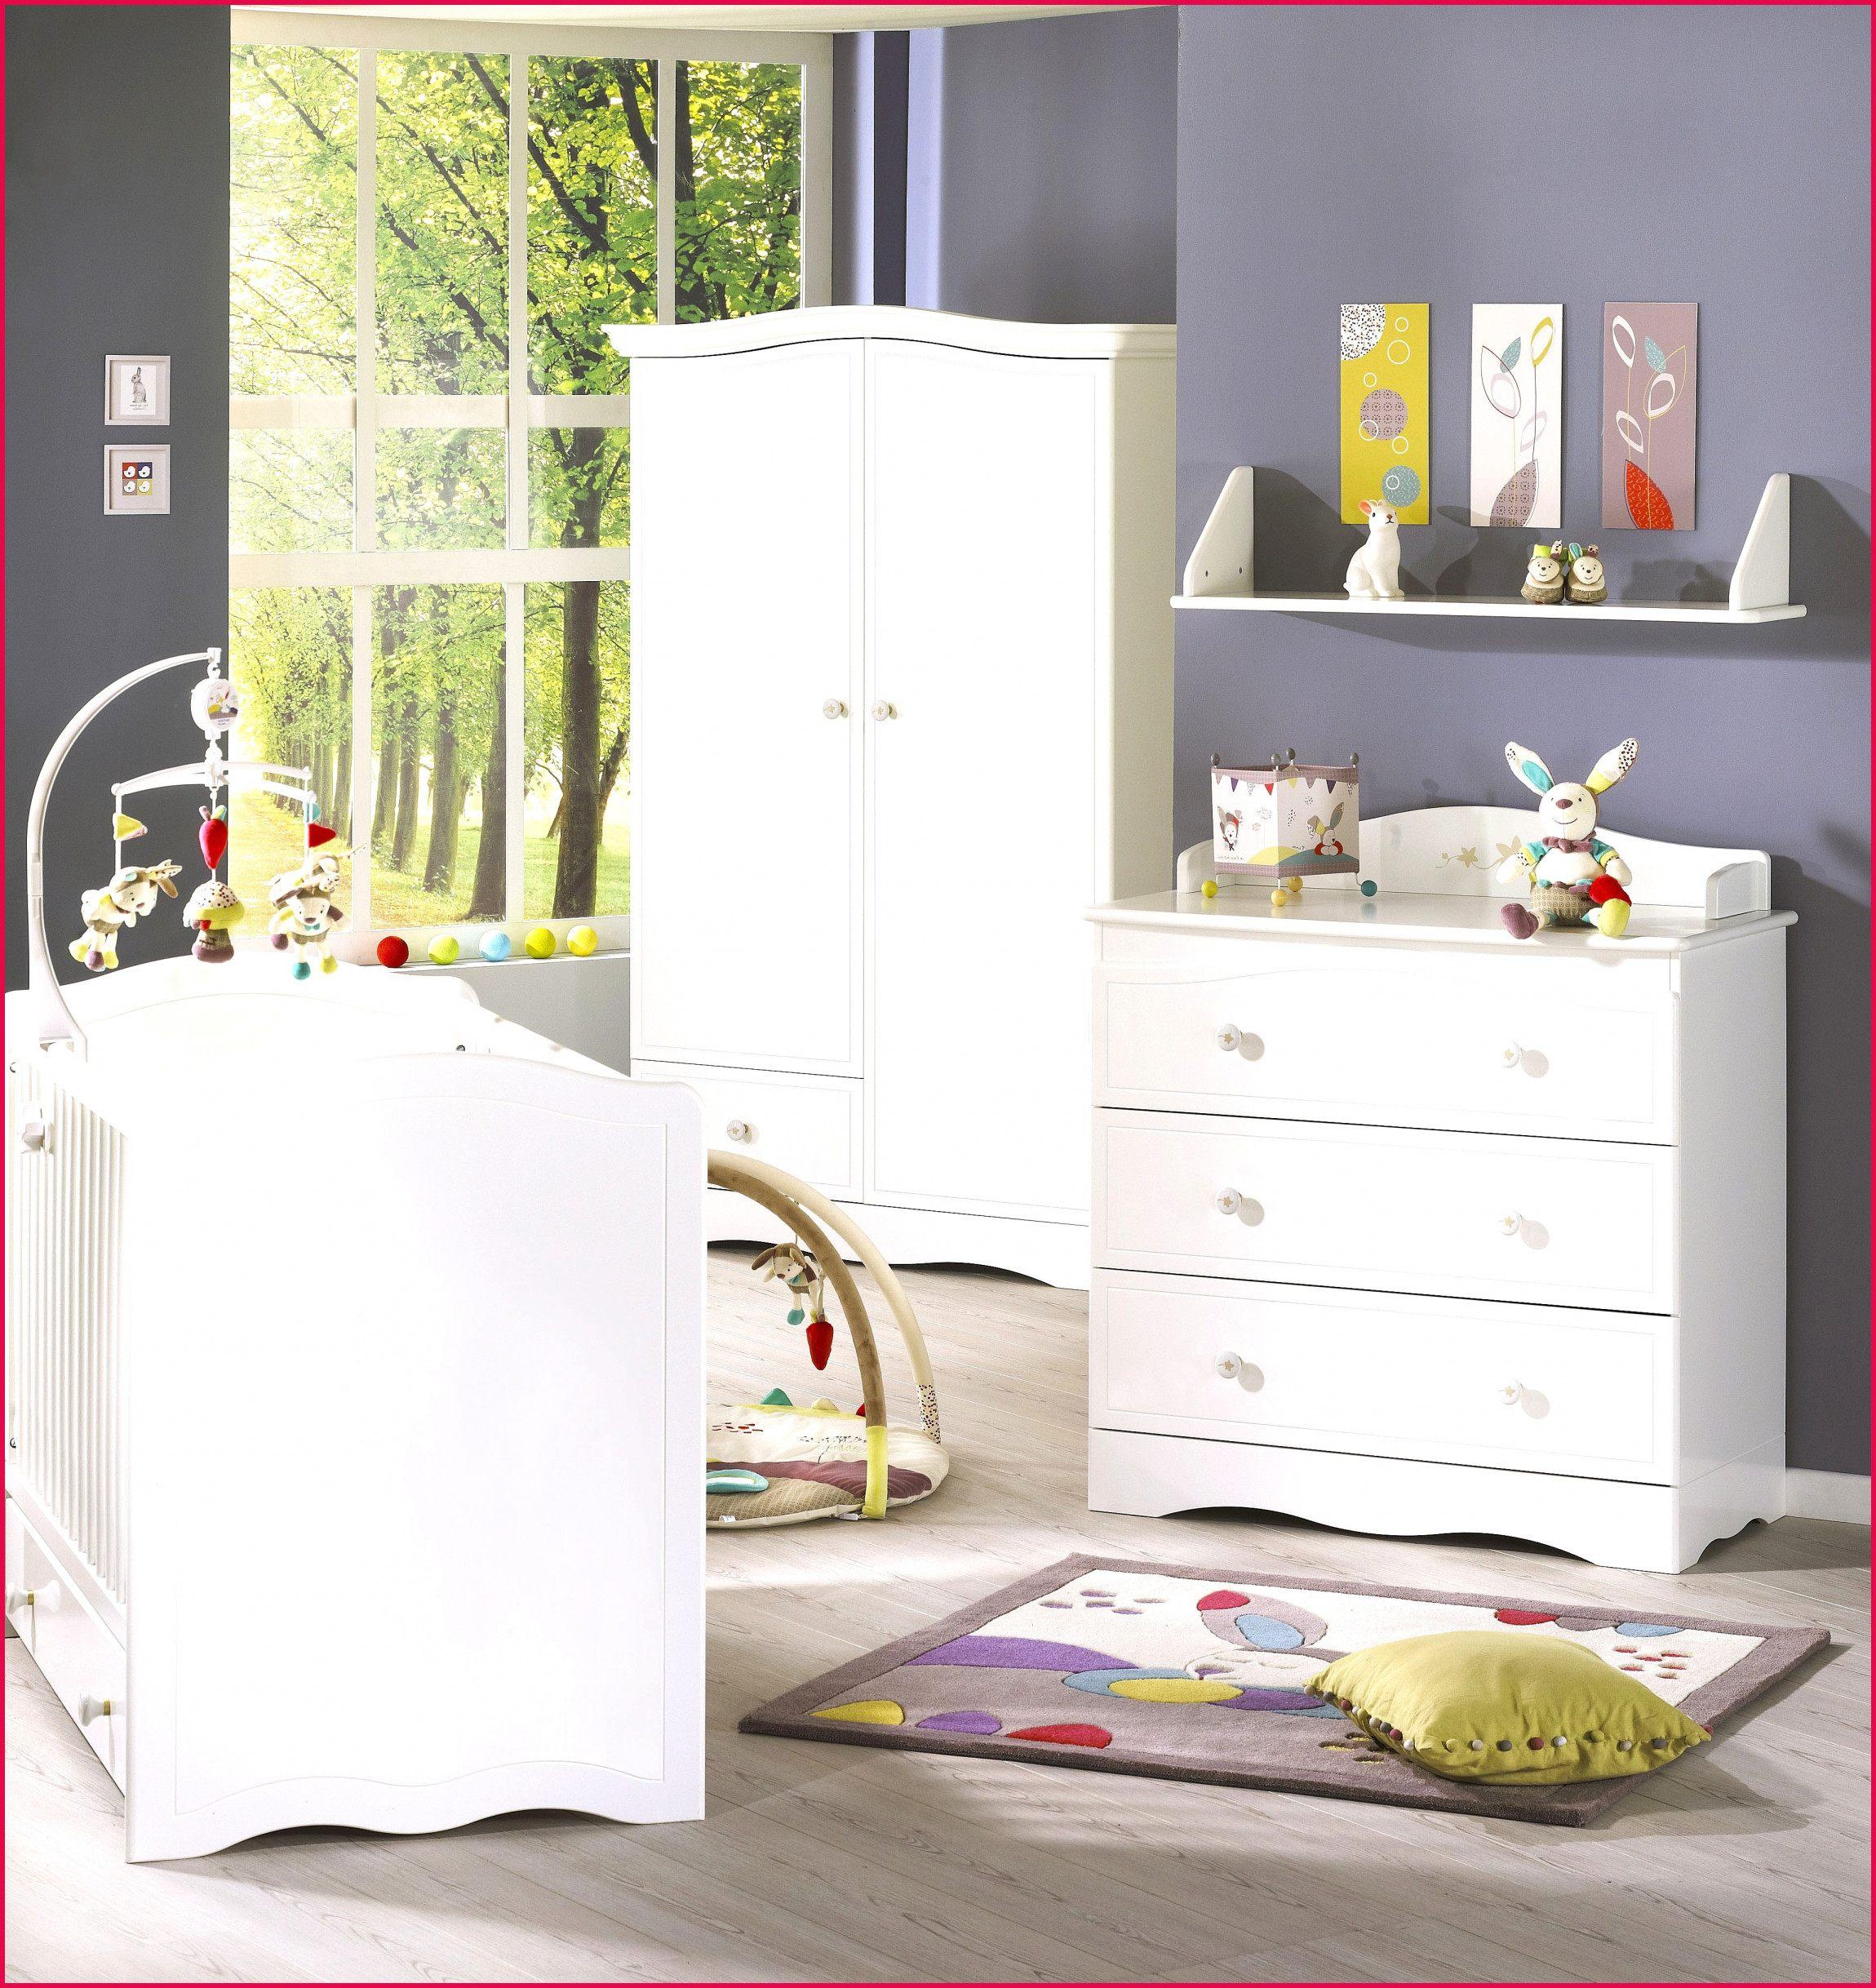 Lit Bébé Design Mode Bébé Ikea Meilleur De S Conforama Chambre B 6